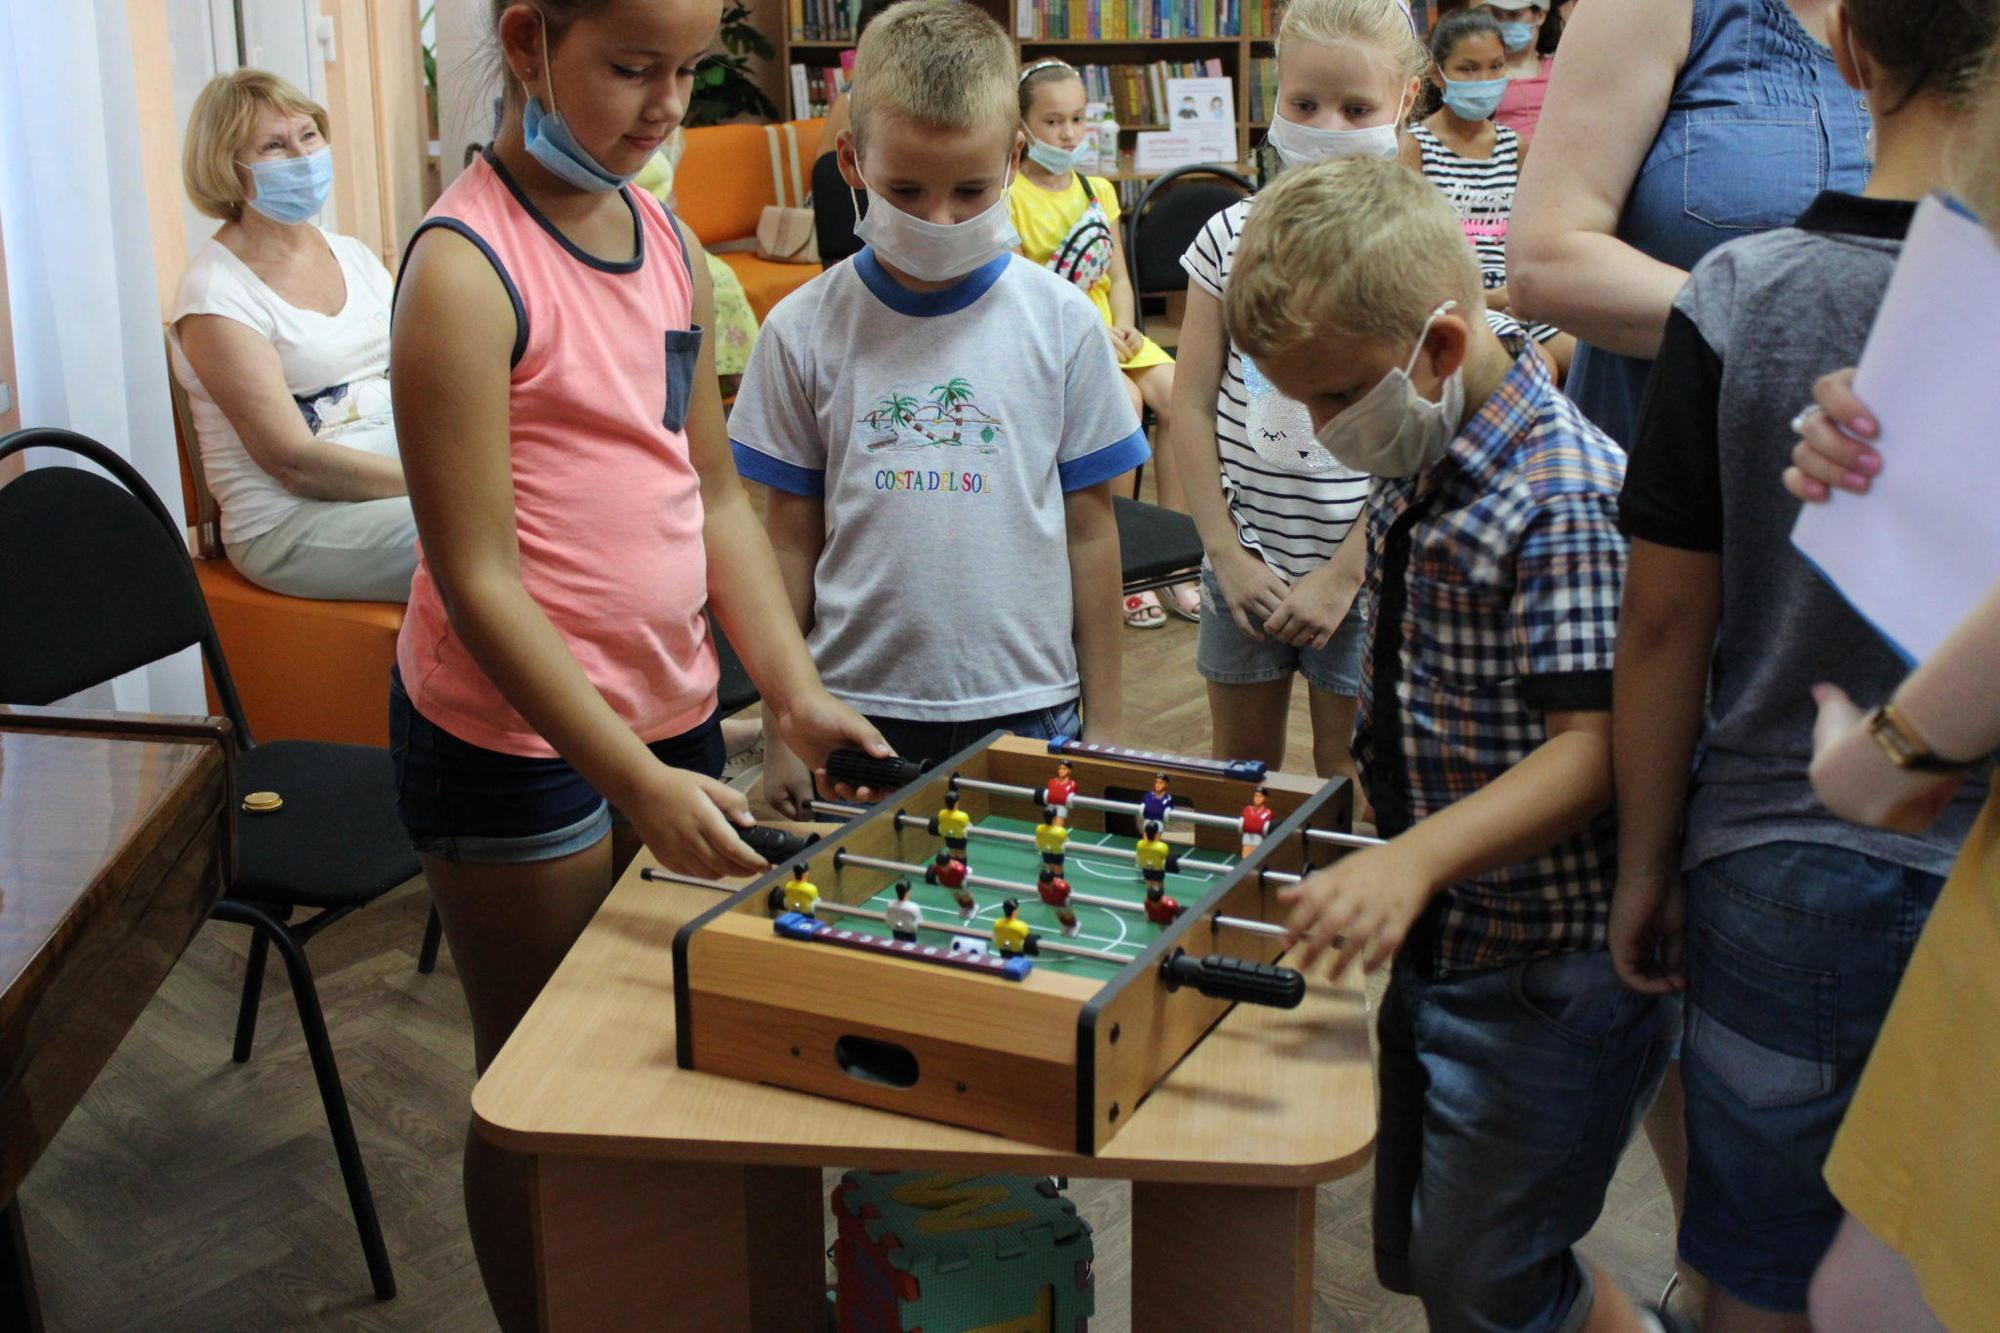 настільний футбол бахмутська дитяча бібліотека діти бавляться